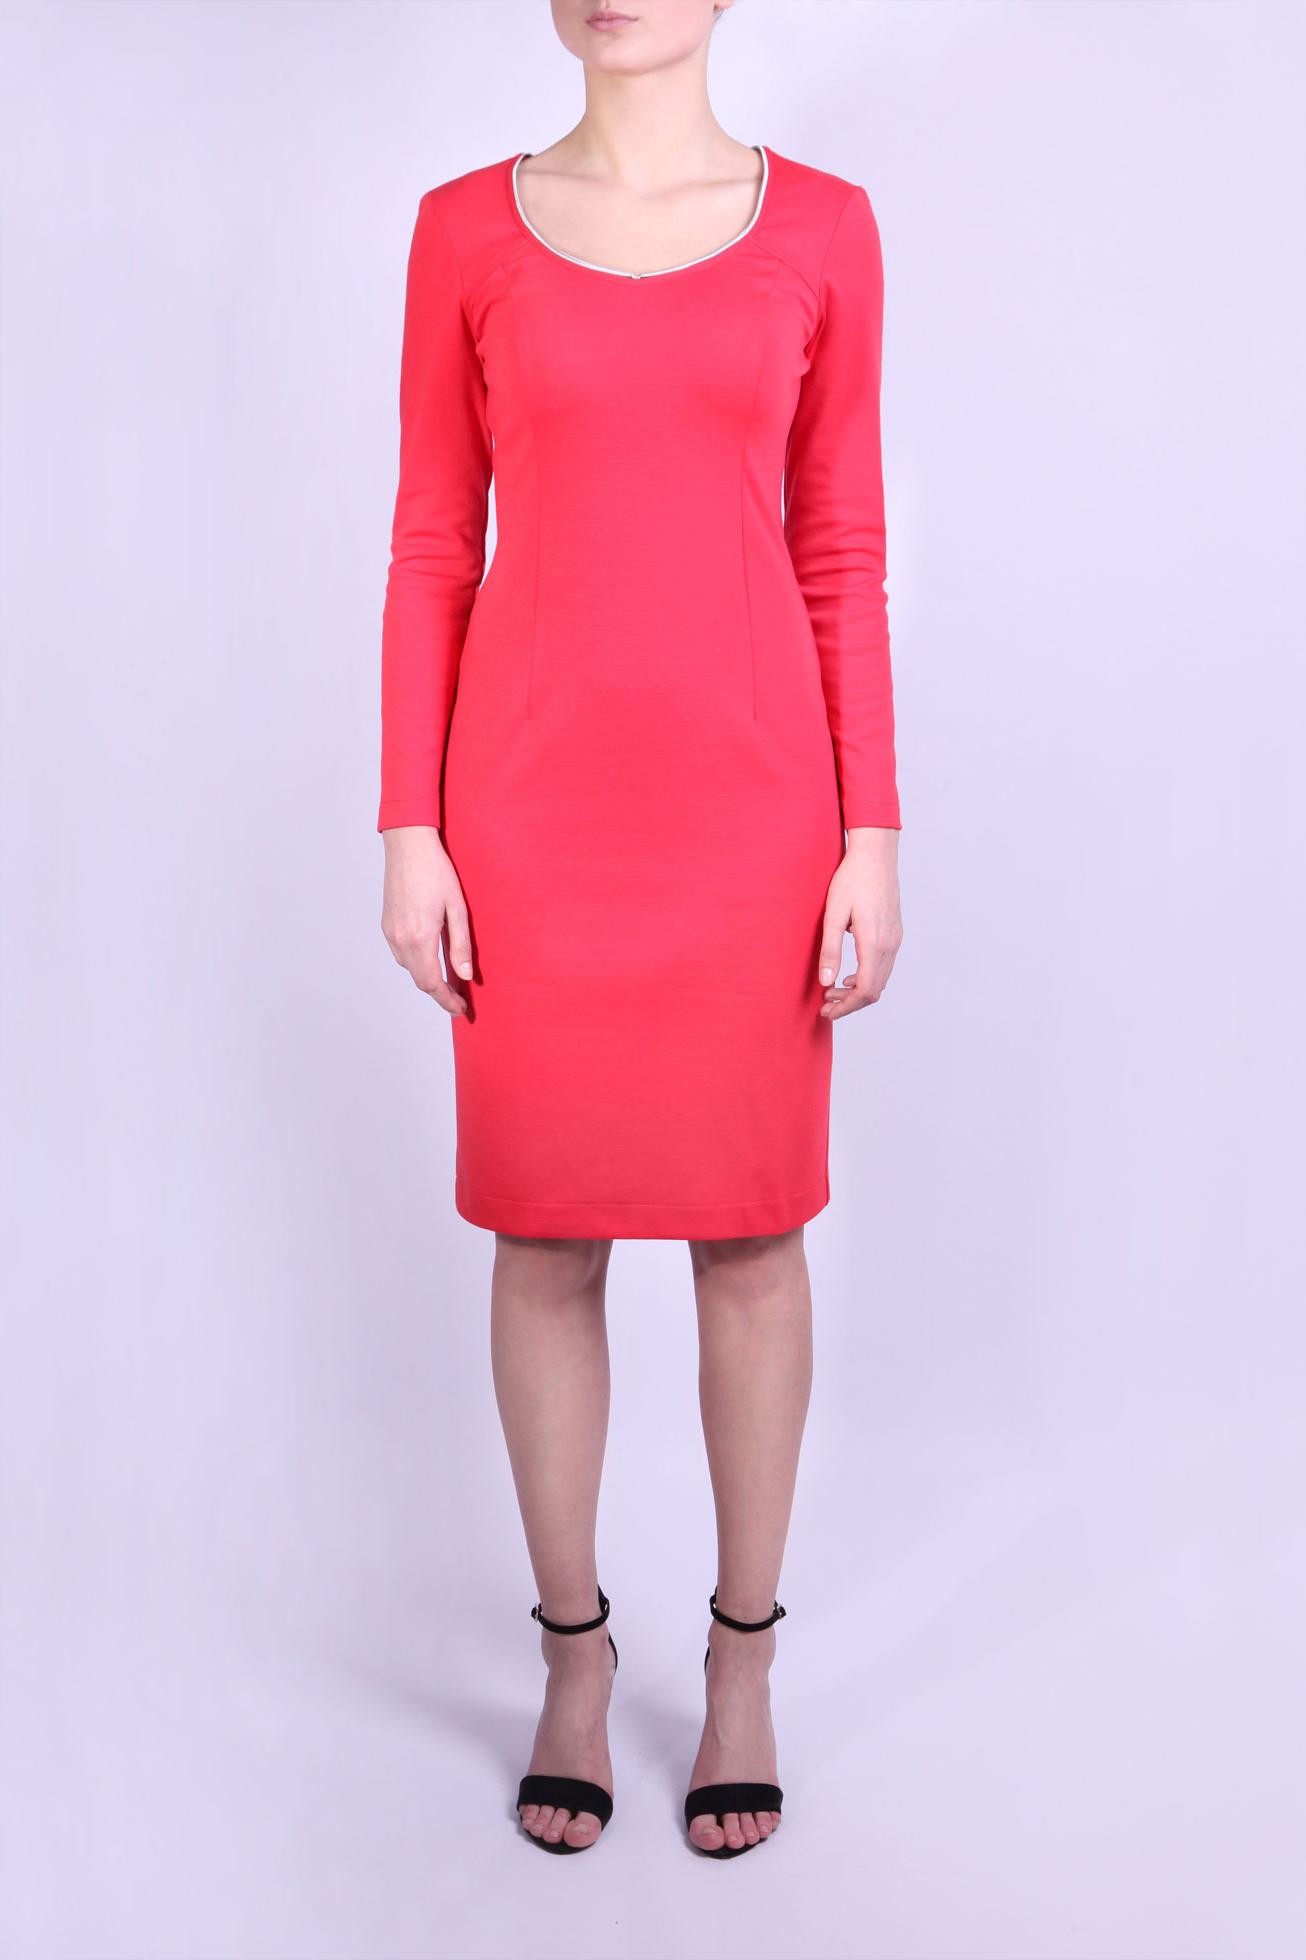 ПлатьеПлатья<br>Строгое платье кораллового цвета с длинным рукавом и застежкой типа молния, находящейся сзади.  Параметры размеров: Обхват груди размер 42 - 84 см, размер 44 - 88 см, размер 46 - 92 см, размер 48 - 96 см, размер 50 - 100 см Обхват талии размер 42 - 64 см, размер 44 - 68 см, размер 46 - 72 см, размер 48 - 76 см, размер 50 - 80 см Обхват бедер размер 42 - 92 см, размер 44 - 96 см, размер 46 - 100 см, размер 48 - 104 см, размер 50 - 108 см  Цвет: коралловый  Ростовка изделия 164 см.<br><br>Горловина: Фигурная горловина<br>По длине: До колена<br>По материалу: Вискоза,Трикотаж<br>По образу: Город,Свидание<br>По рисунку: Однотонные<br>По силуэту: Приталенные<br>По стилю: Повседневный стиль<br>По форме: Платье - футляр<br>По элементам: С молнией,С отделочной фурнитурой,С разрезом<br>Разрез: Короткий<br>Рукав: Длинный рукав<br>По сезону: Осень,Весна<br>Размер : 44,46,48,50<br>Материал: Джерси<br>Количество в наличии: 5